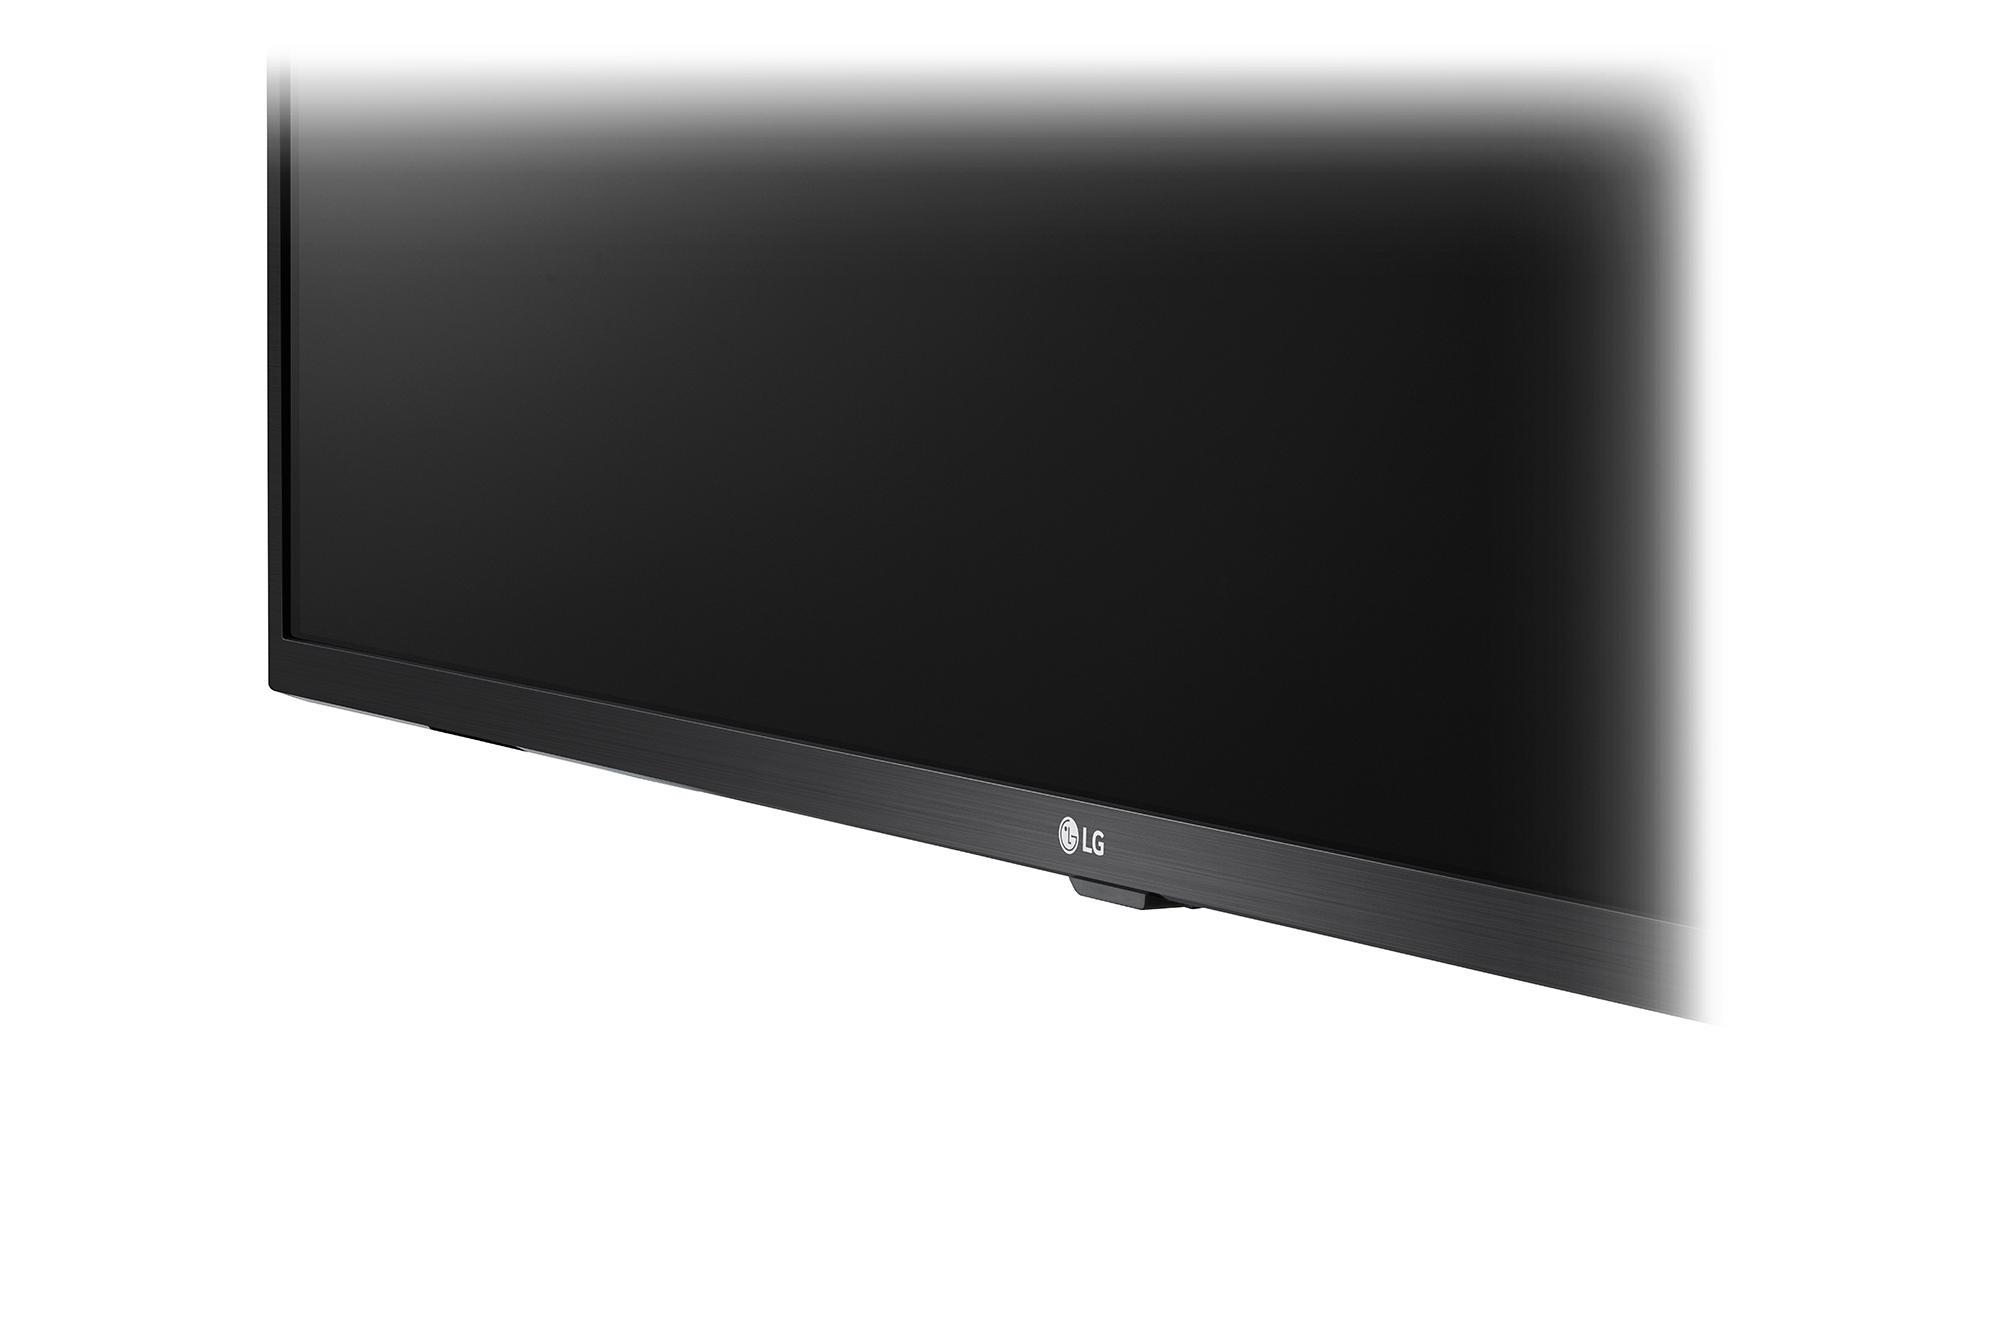 LG Standard Premium 43UL3G-B 8